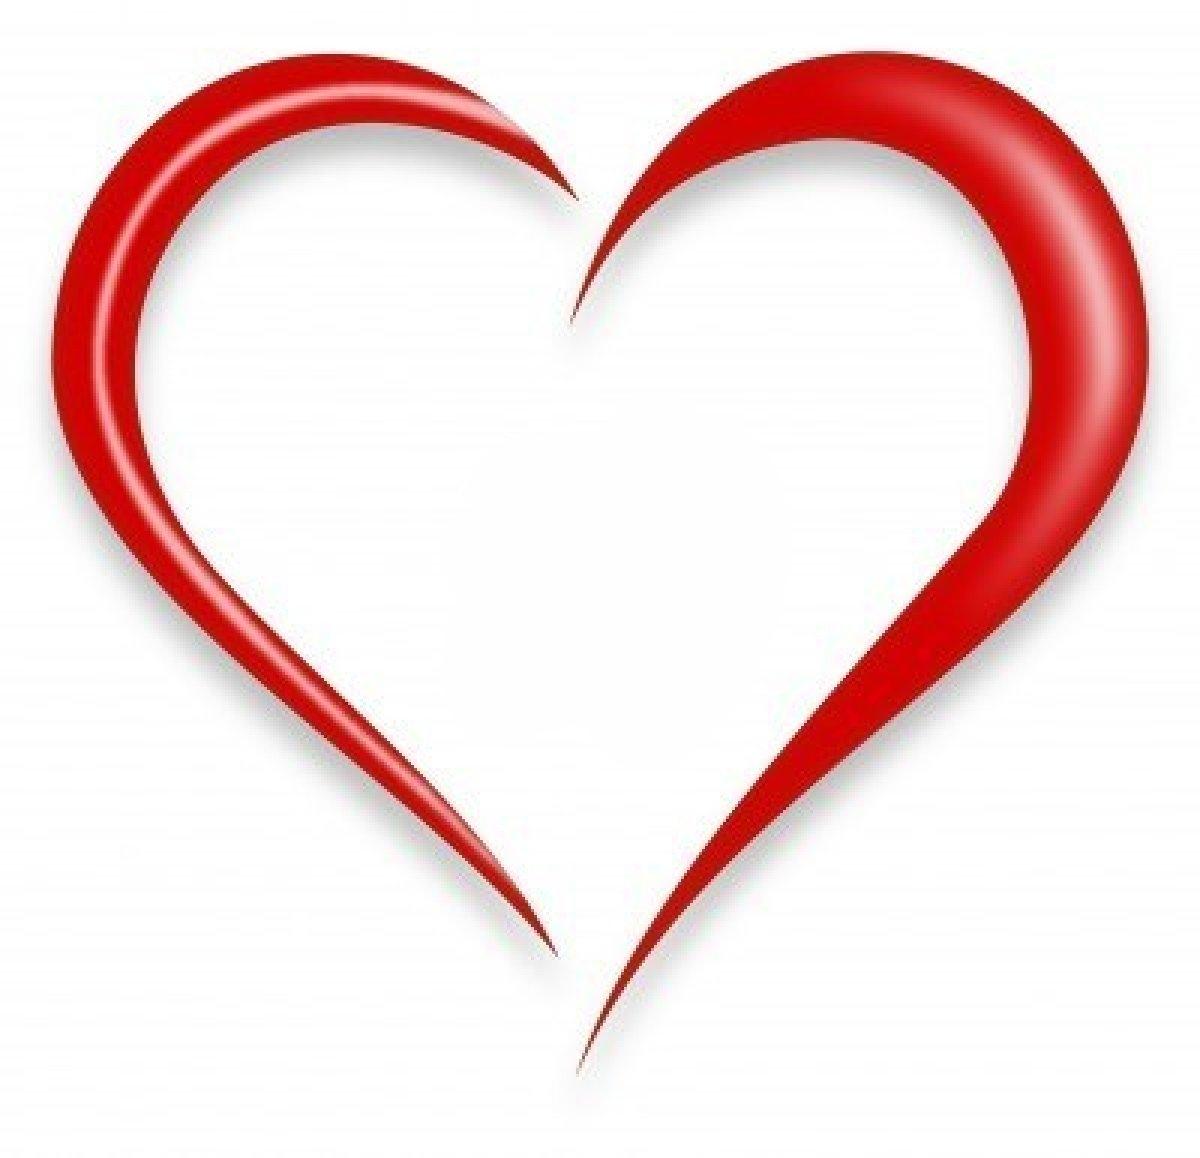 Heart With Wings Wallpaper Wallpapersafari